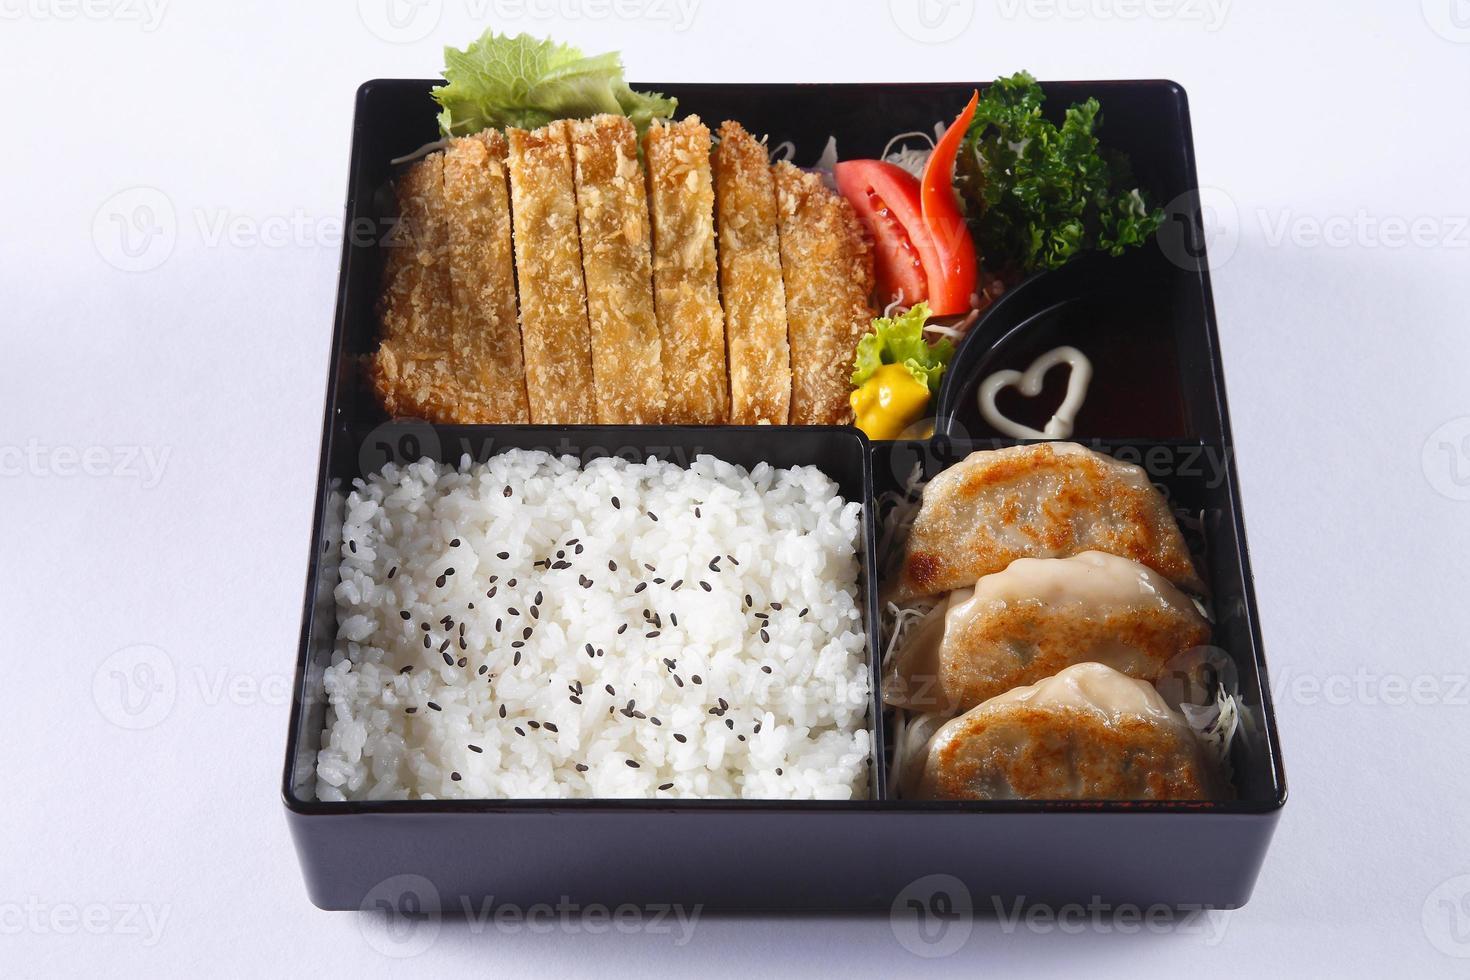 bento conjunto de carne de porco frita (tonkatsu), gyoza, arroz japonês foto